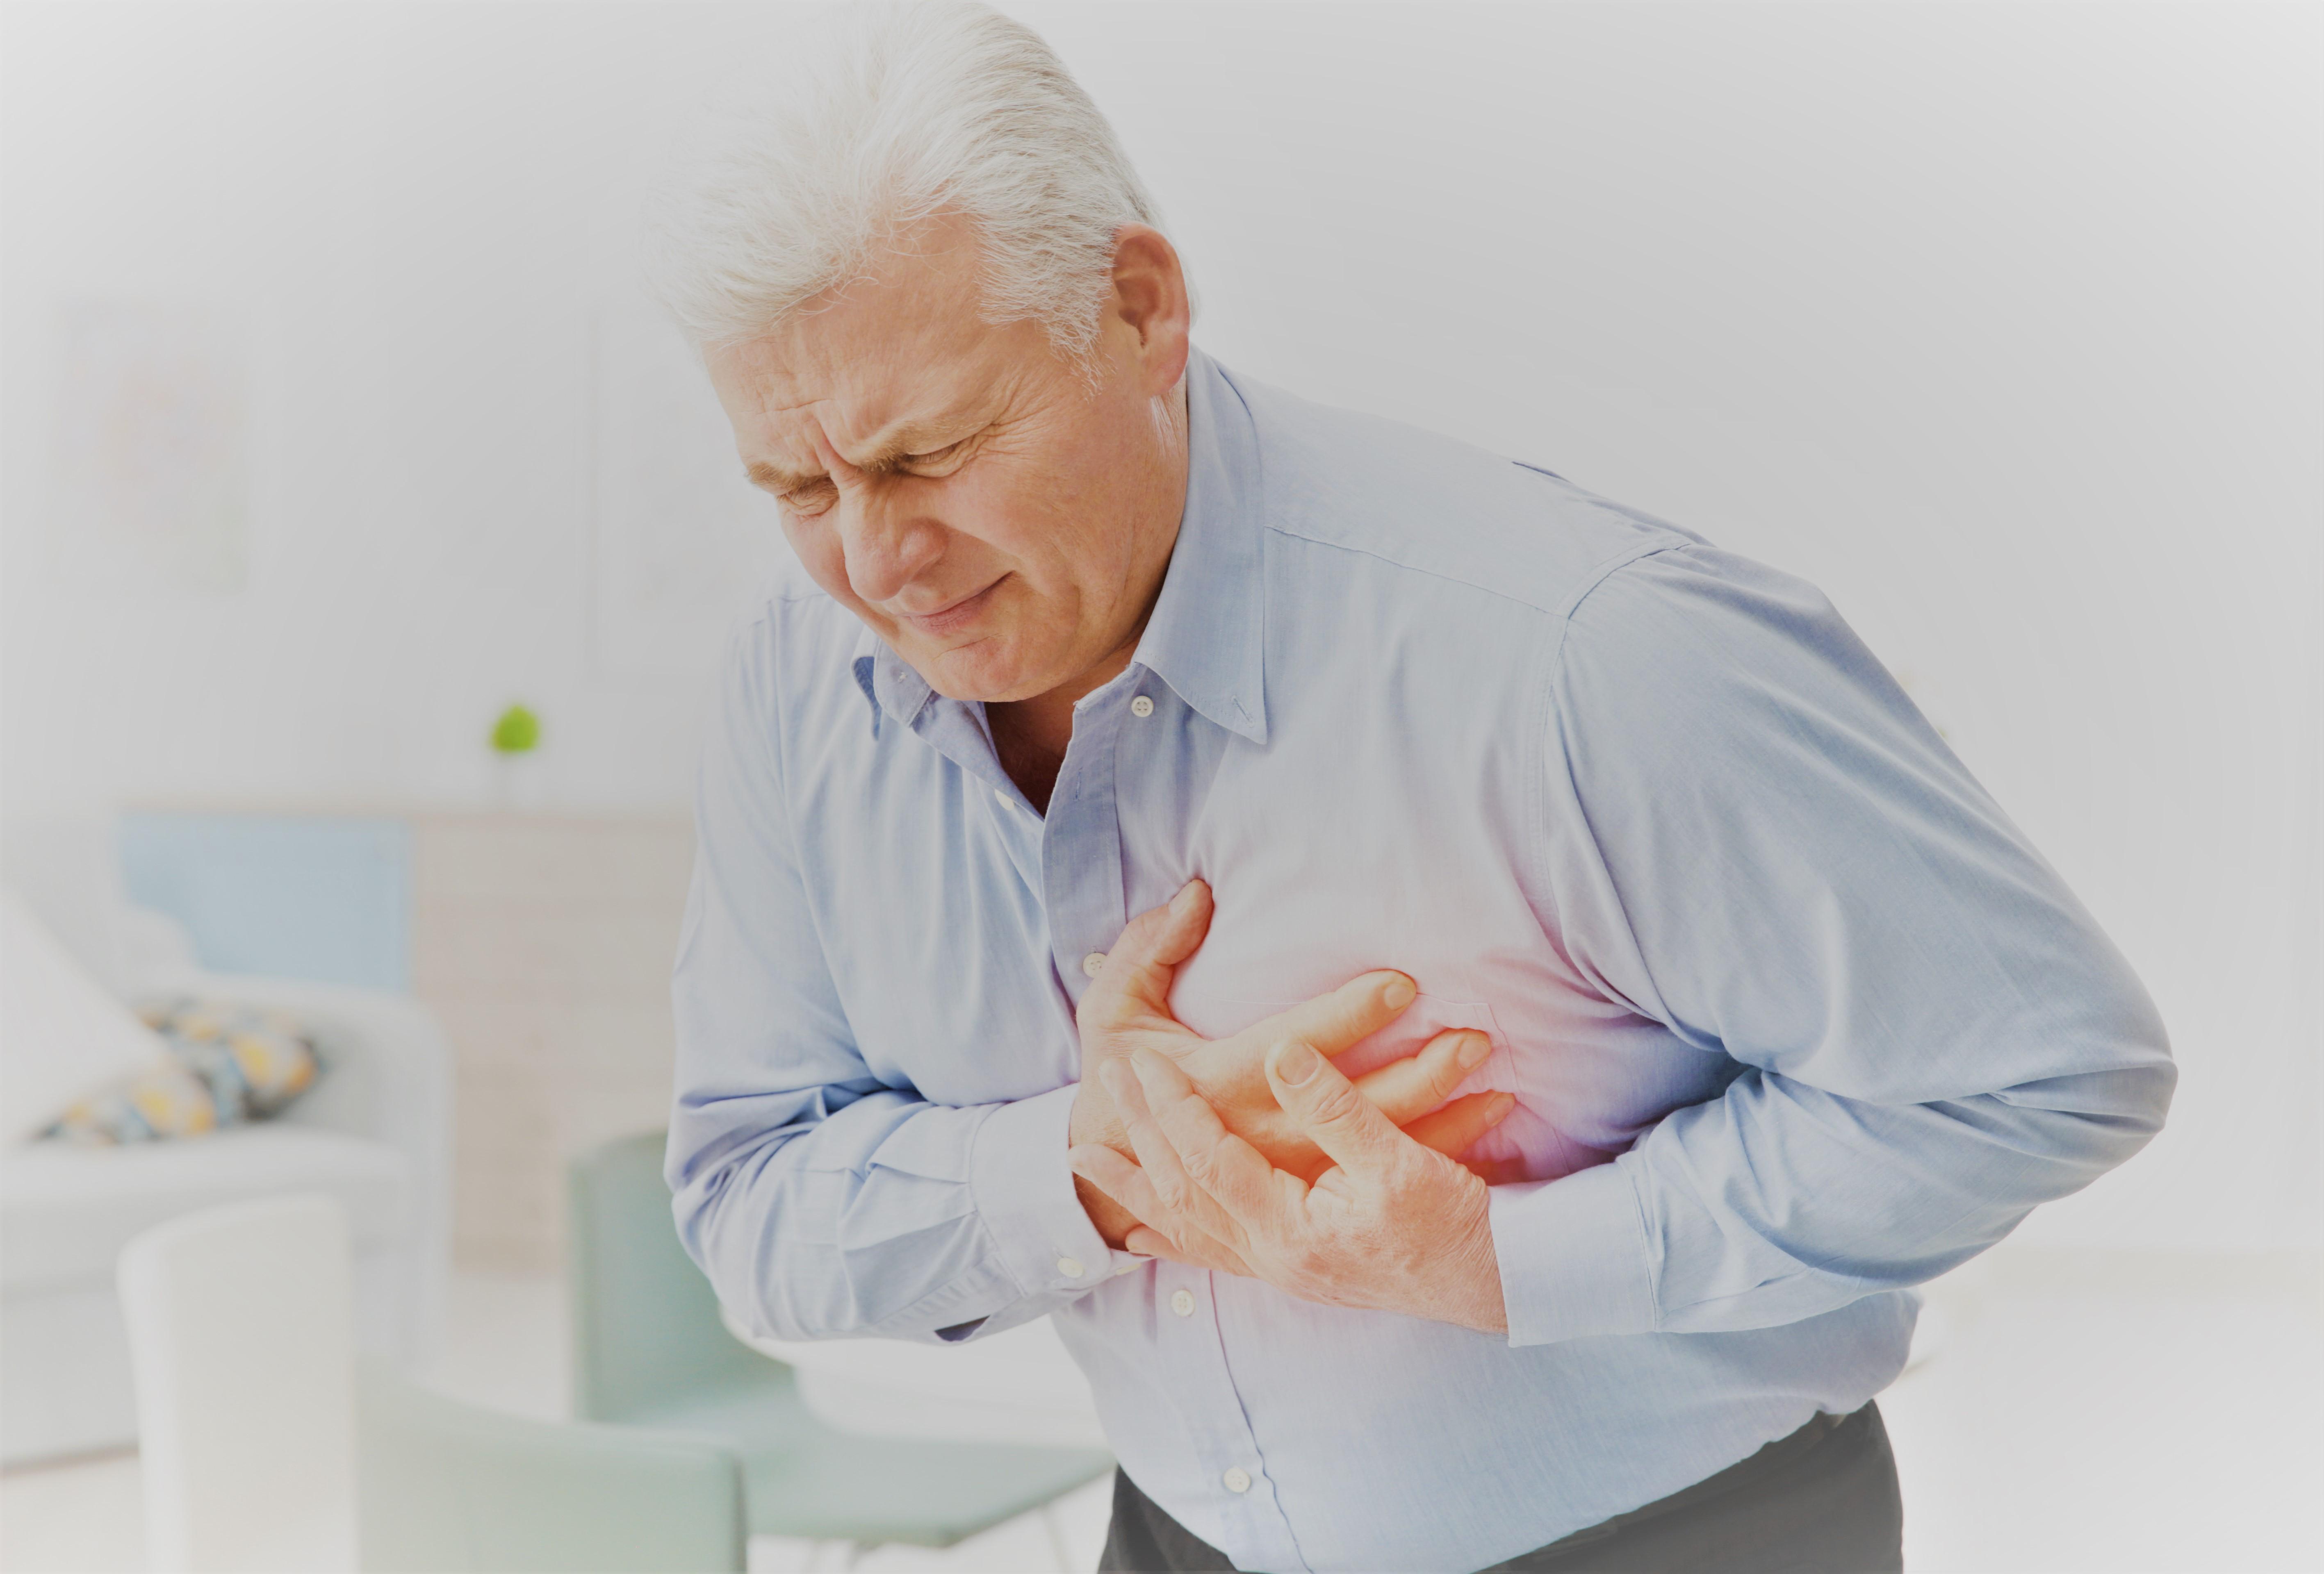 magas vérnyomás és bénulás ehet kolbászt magas vérnyomásban